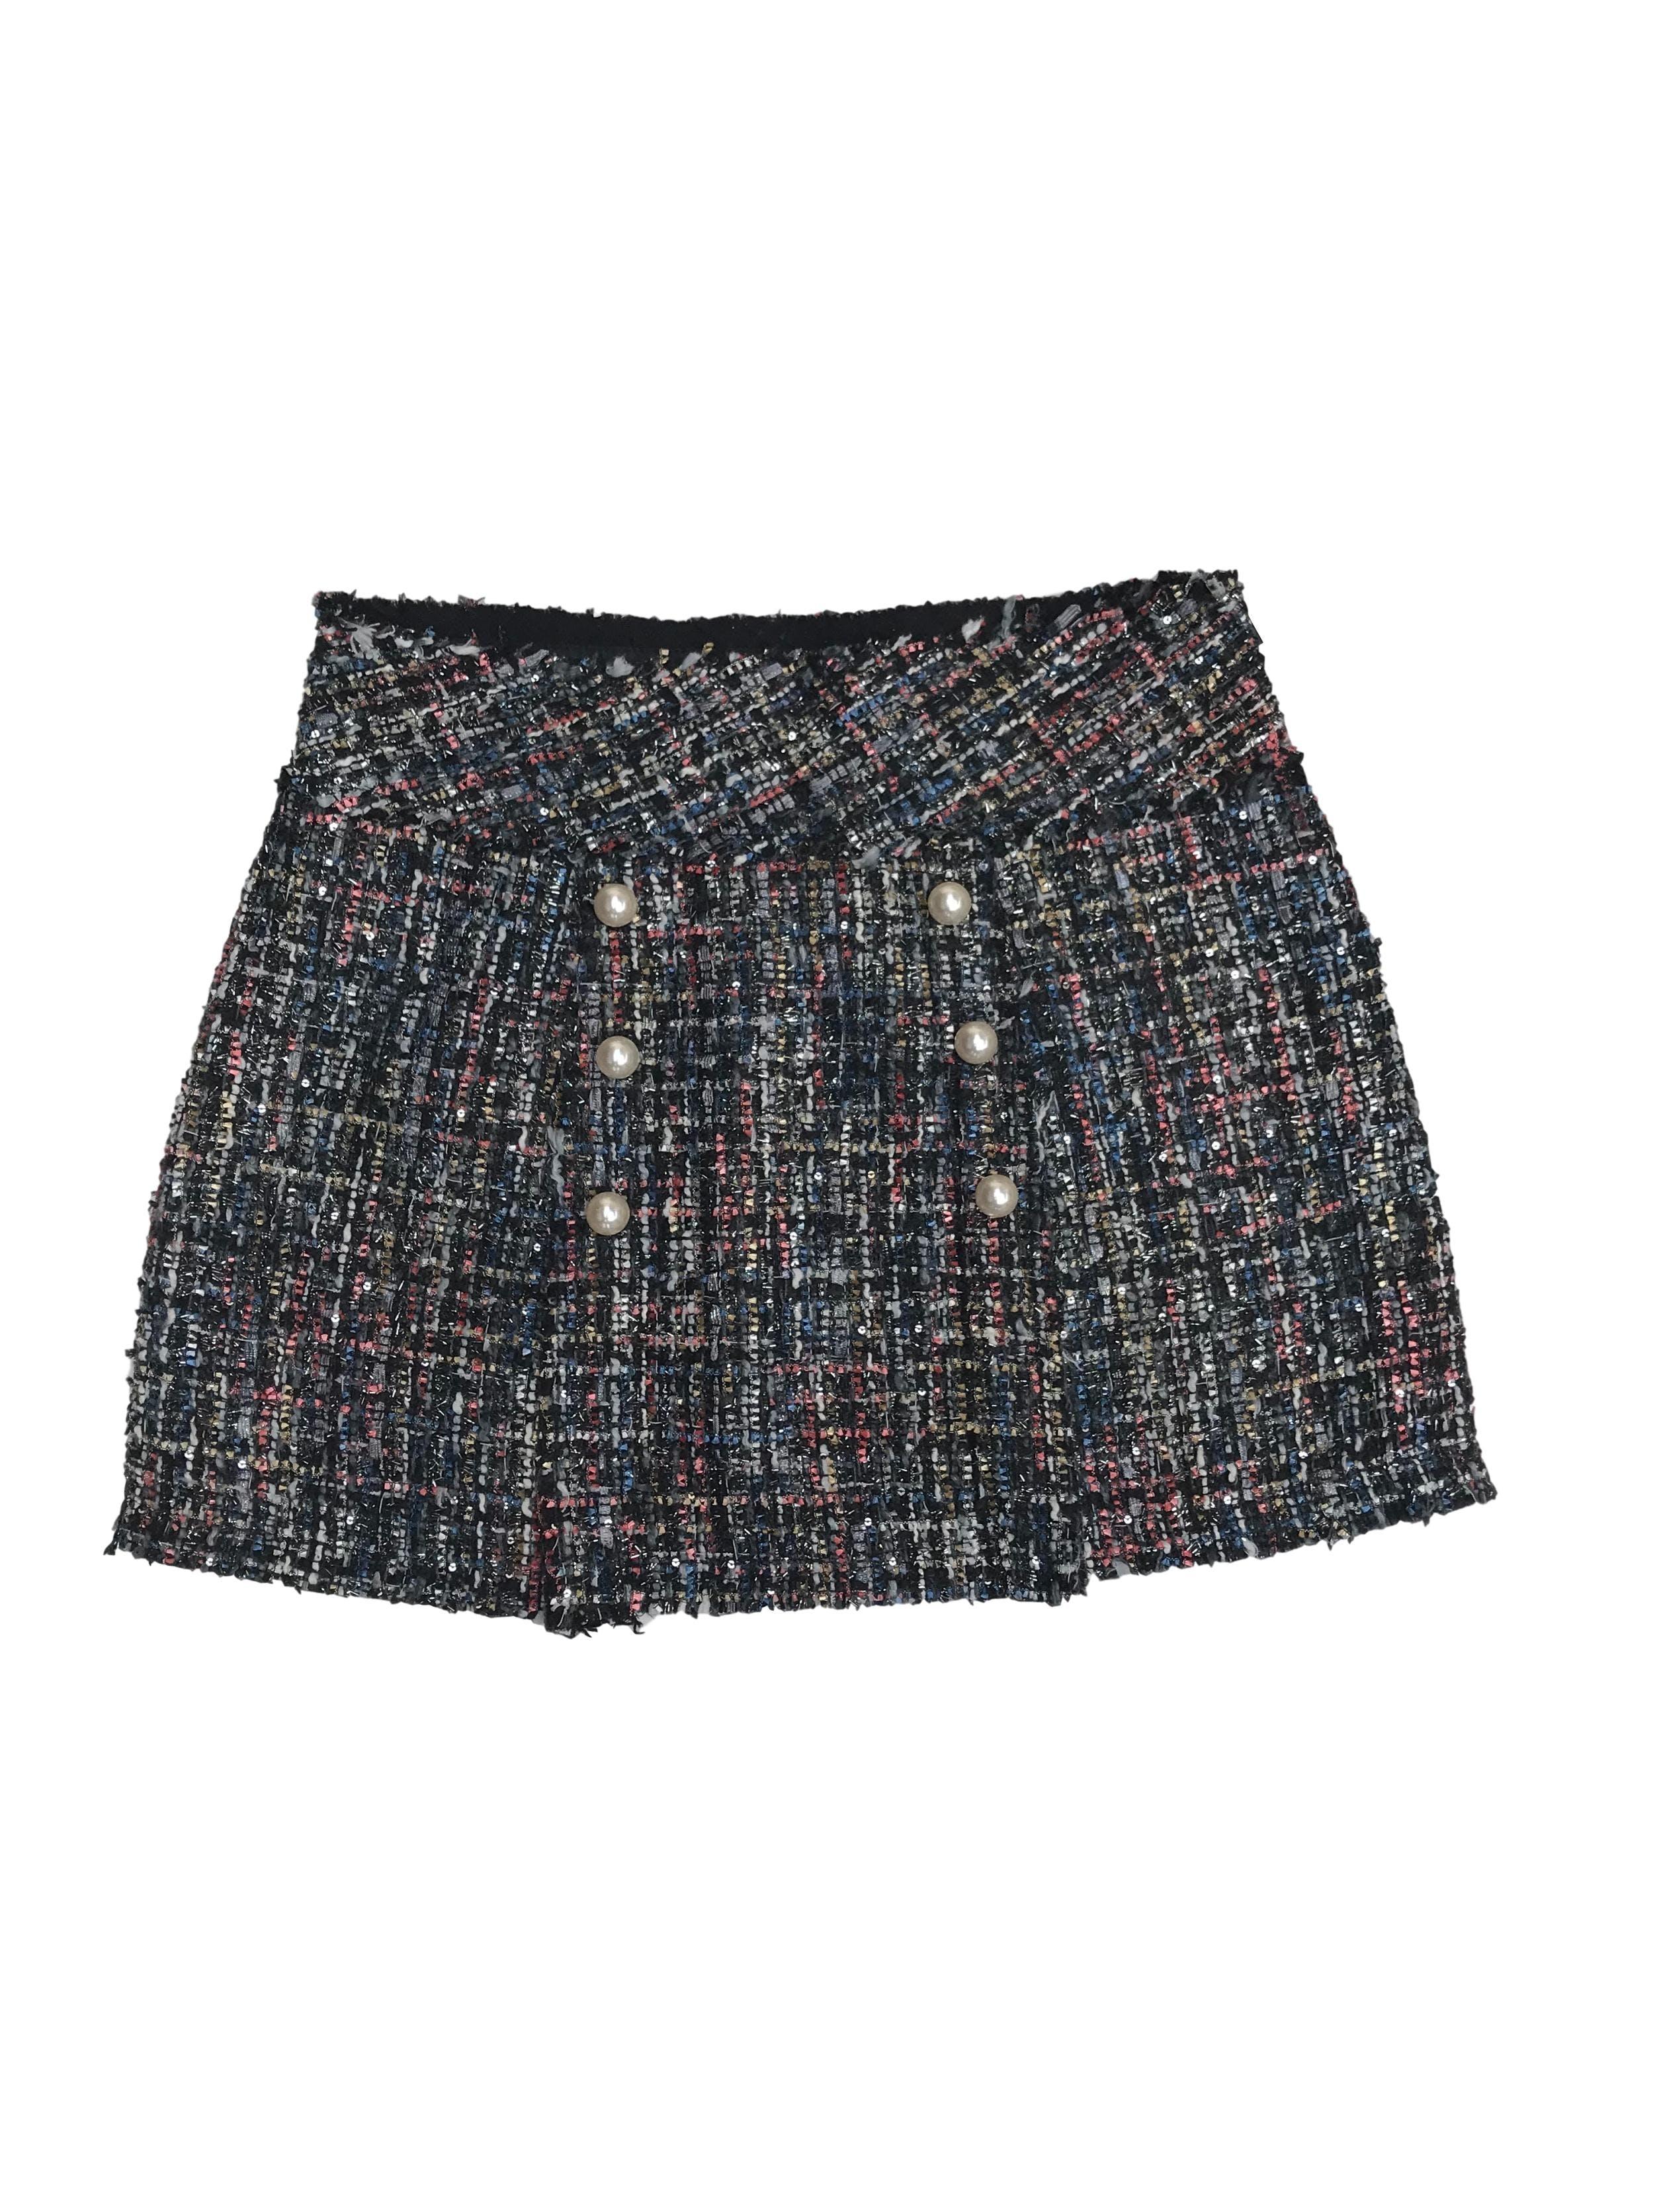 Falda Zara de tweed con doble fila de perlas, pretina ancha y cierre lateral. Pretina 78cm Largo 40cm. Precio original S/ 150